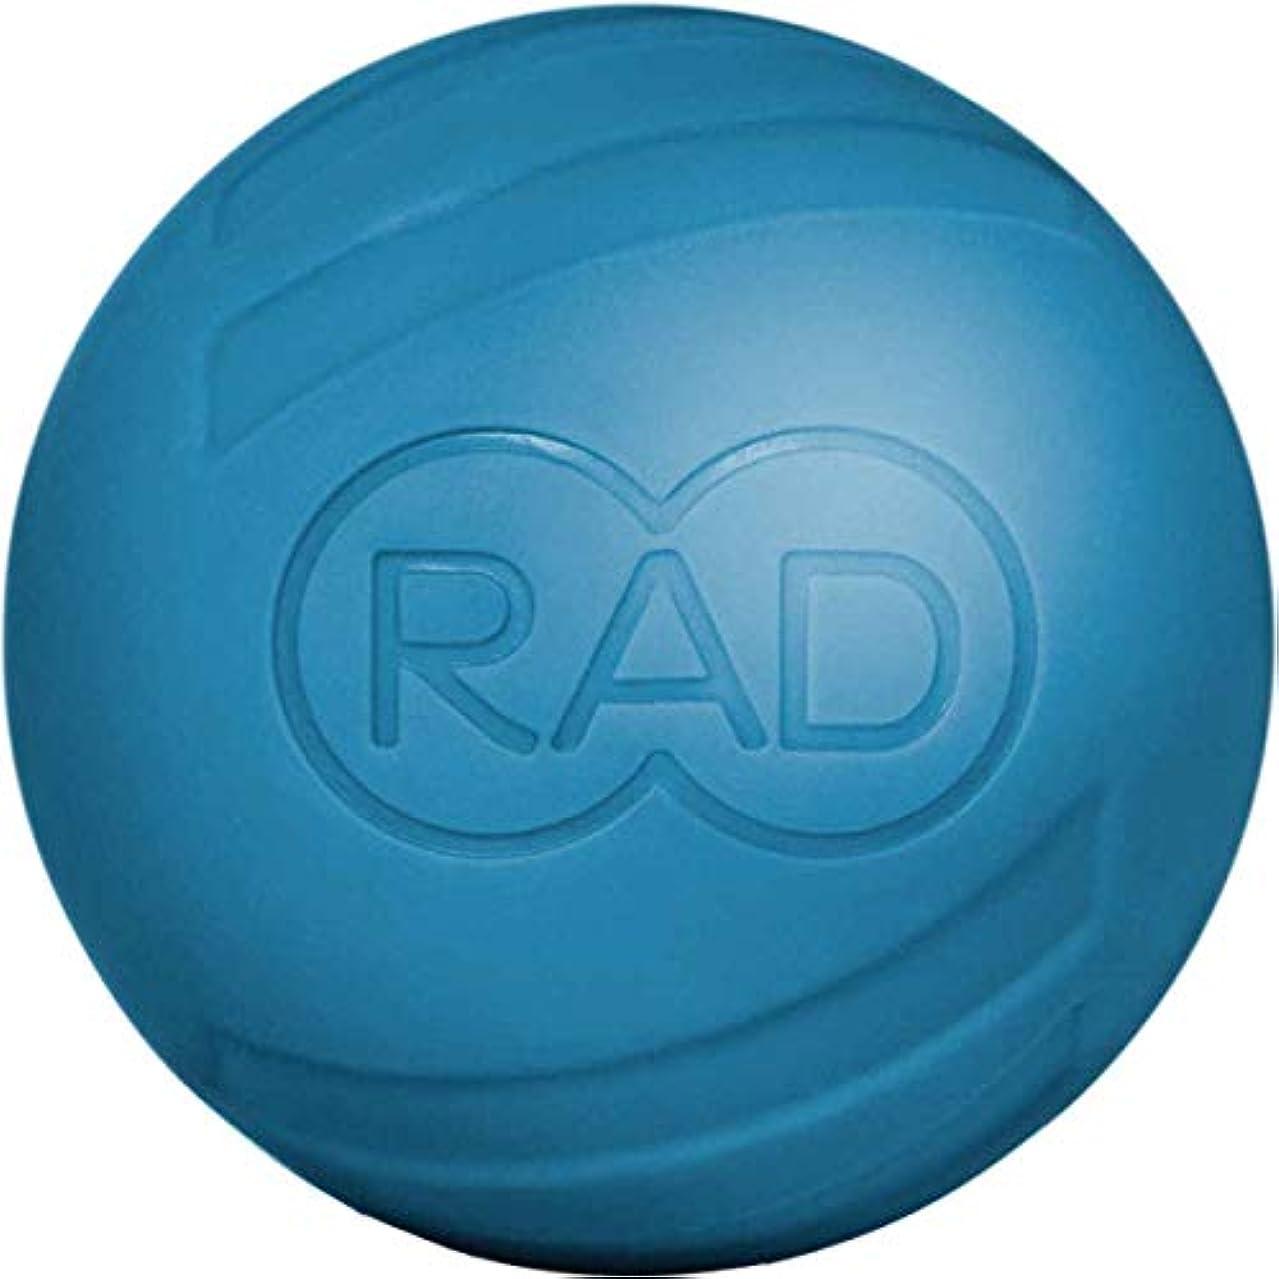 RAD アトム|高密度筋膜リリースツール|セルフマッサージで可動性と回復を促します